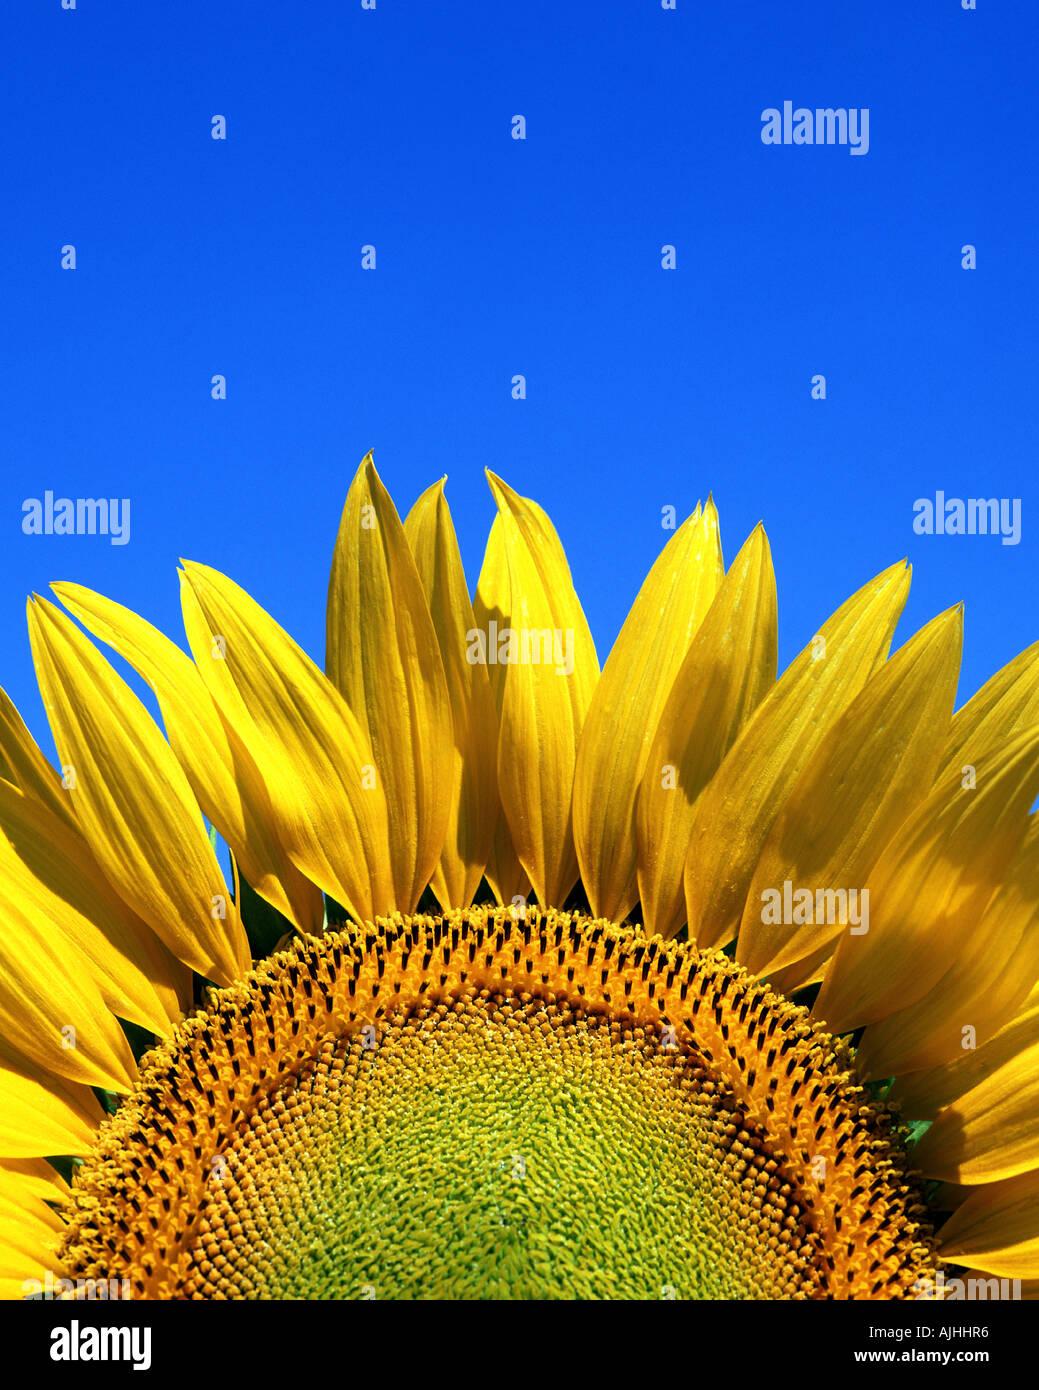 FLORA: Sonnenblume (Lat: Helianthus) Stockbild